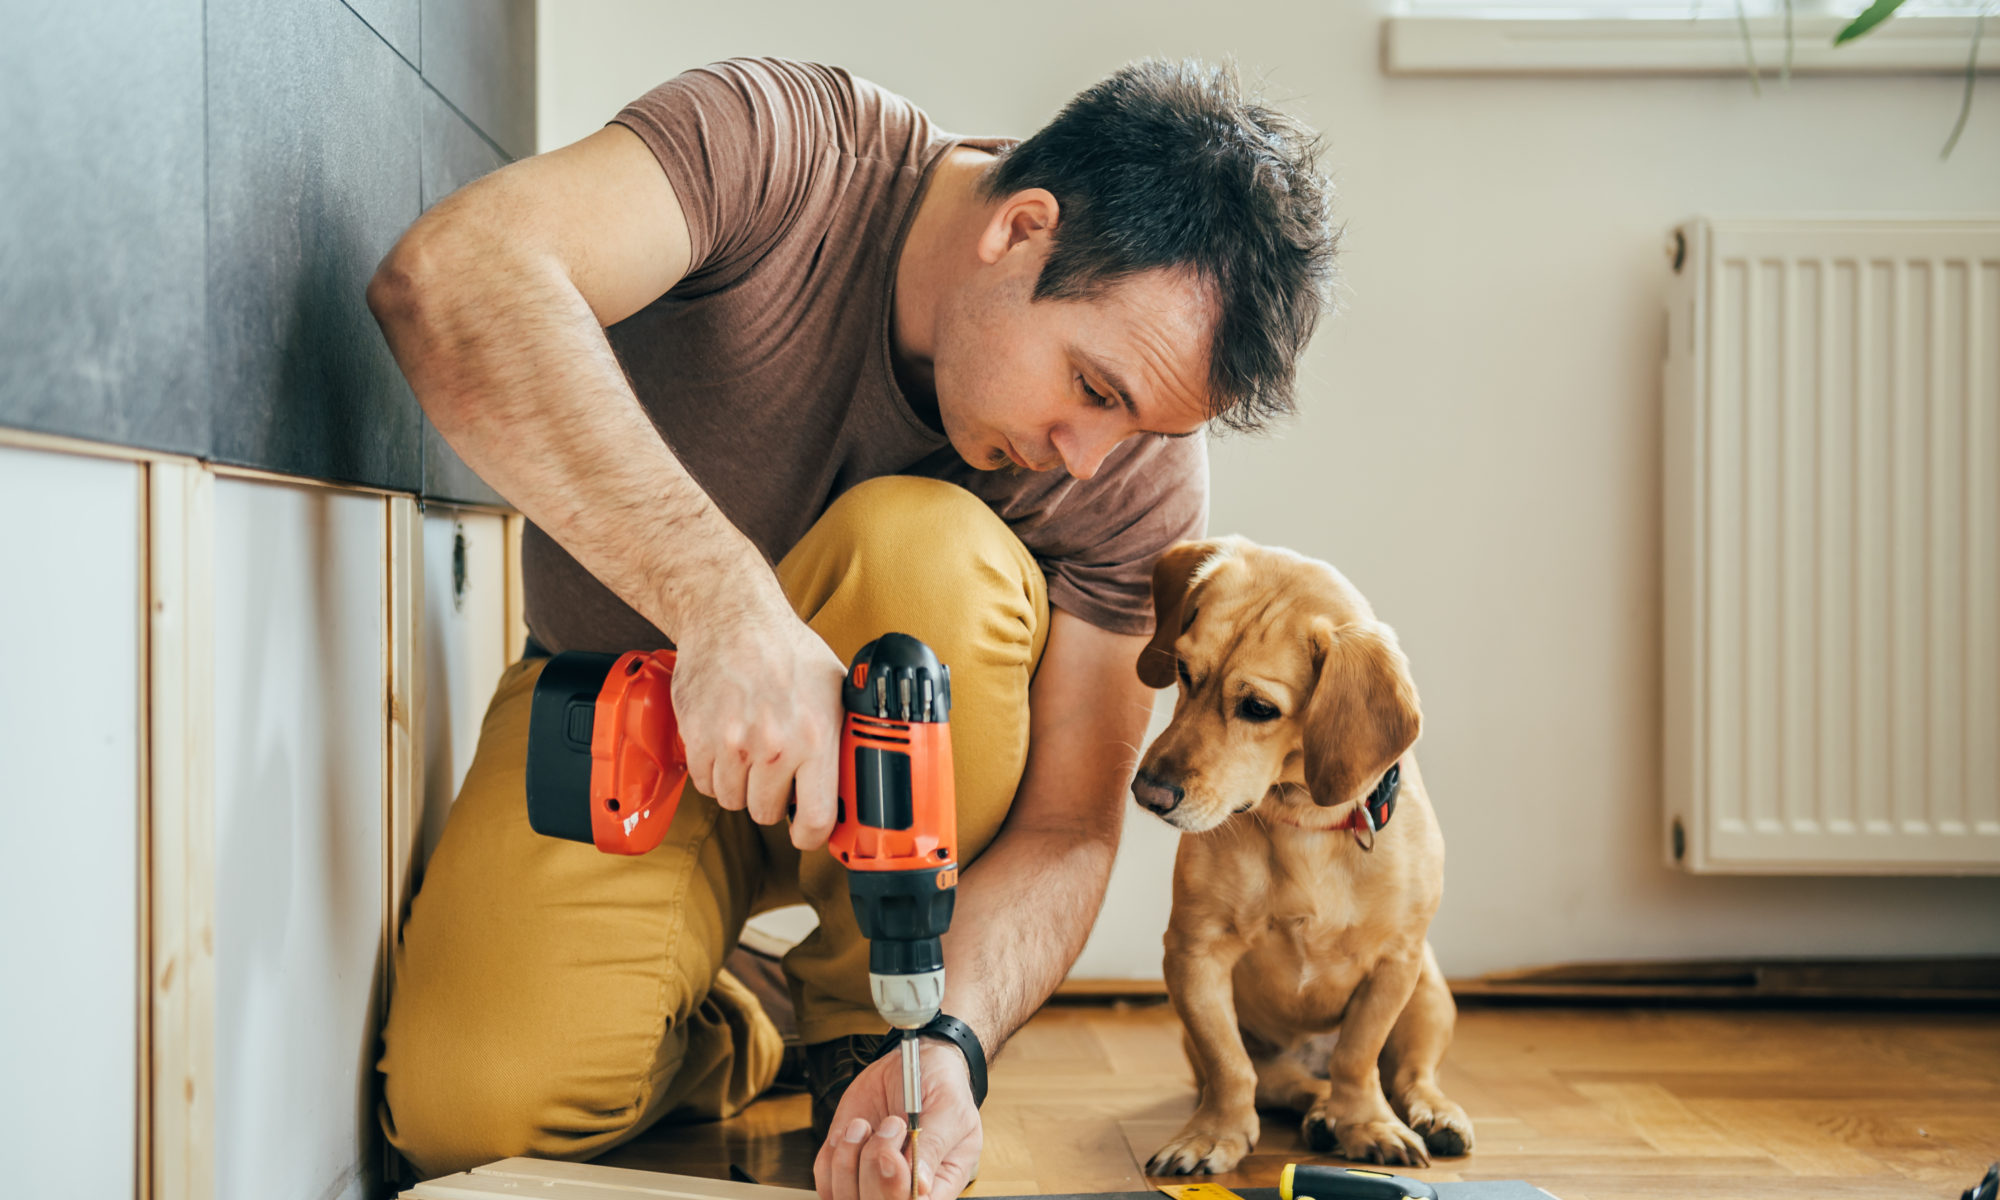 przystojny mężczyzna robiący remont z psem